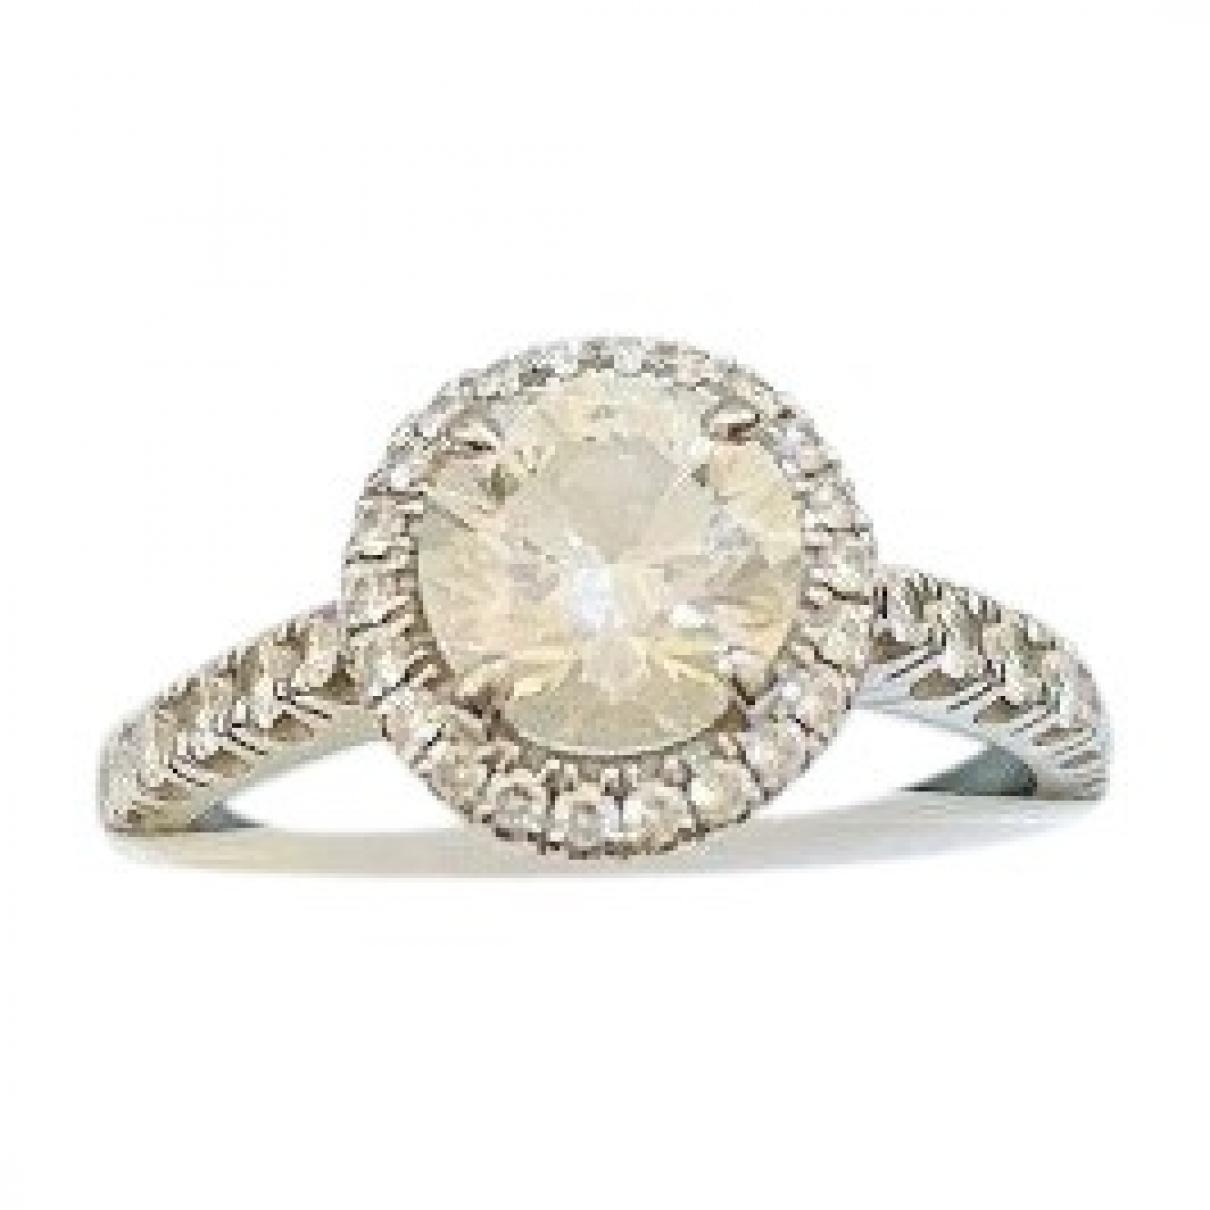 Cartier \N White gold ring for Women 52 EU